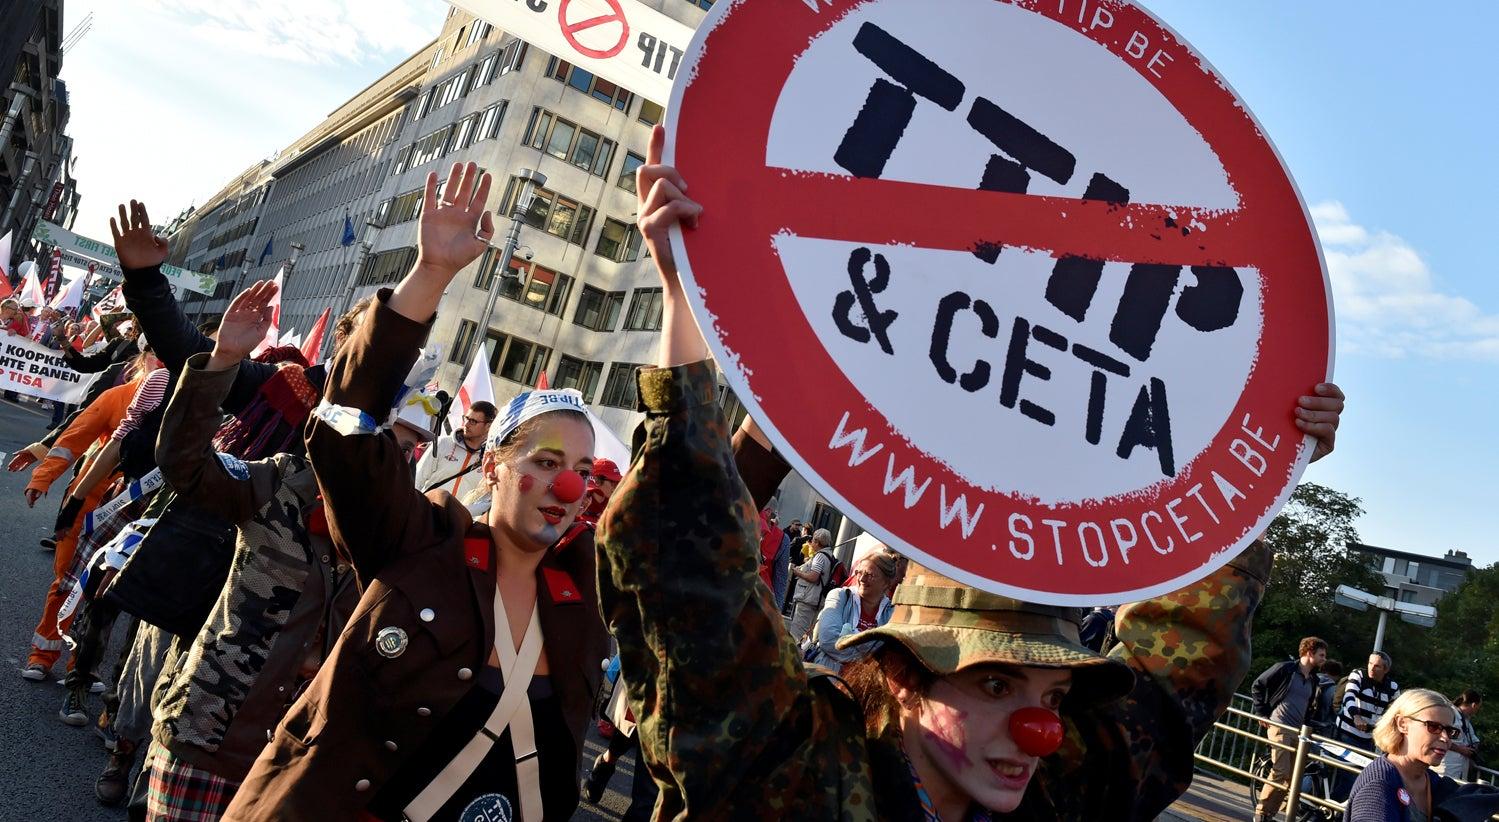 Val�es resistem ao CETA e deixam Bruxelas numa pilha de nervos